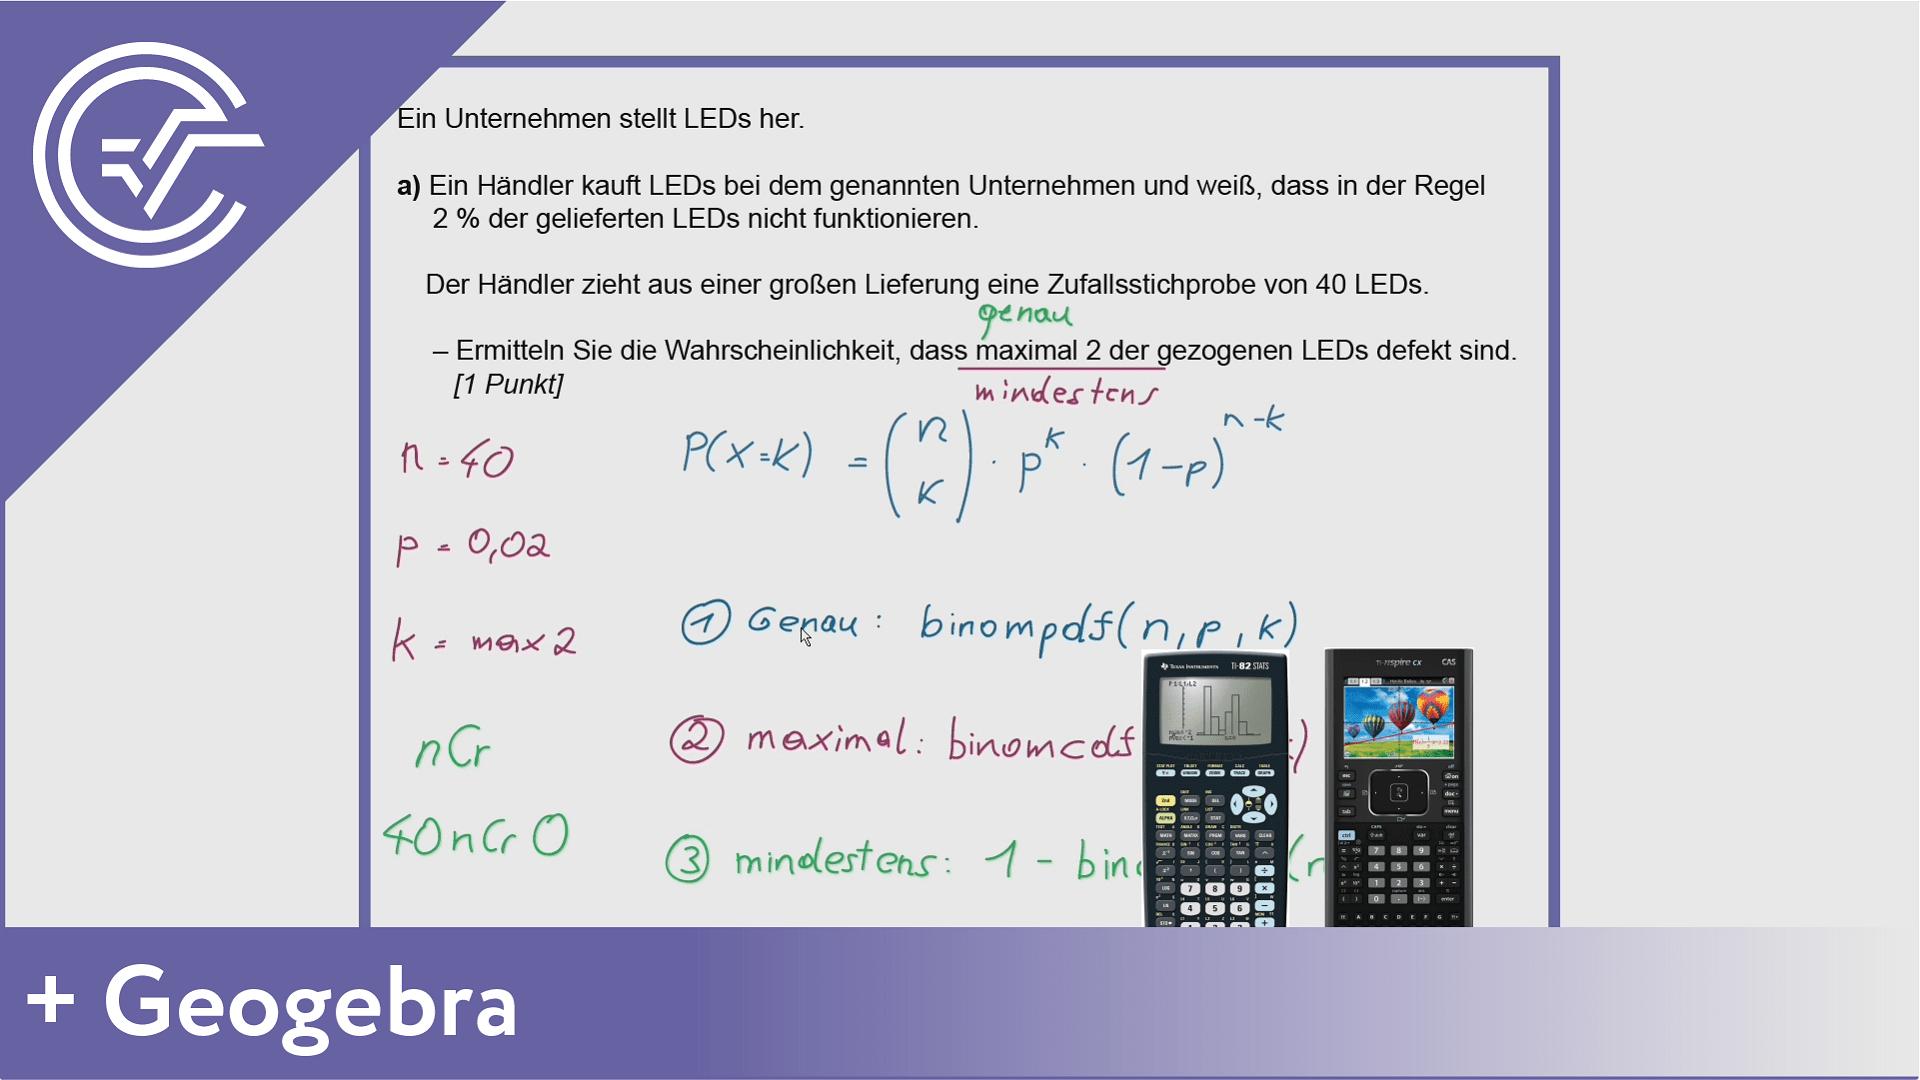 BHS Zentralmatura Aufgabe 5a - Binomialverteilung Crashkurs